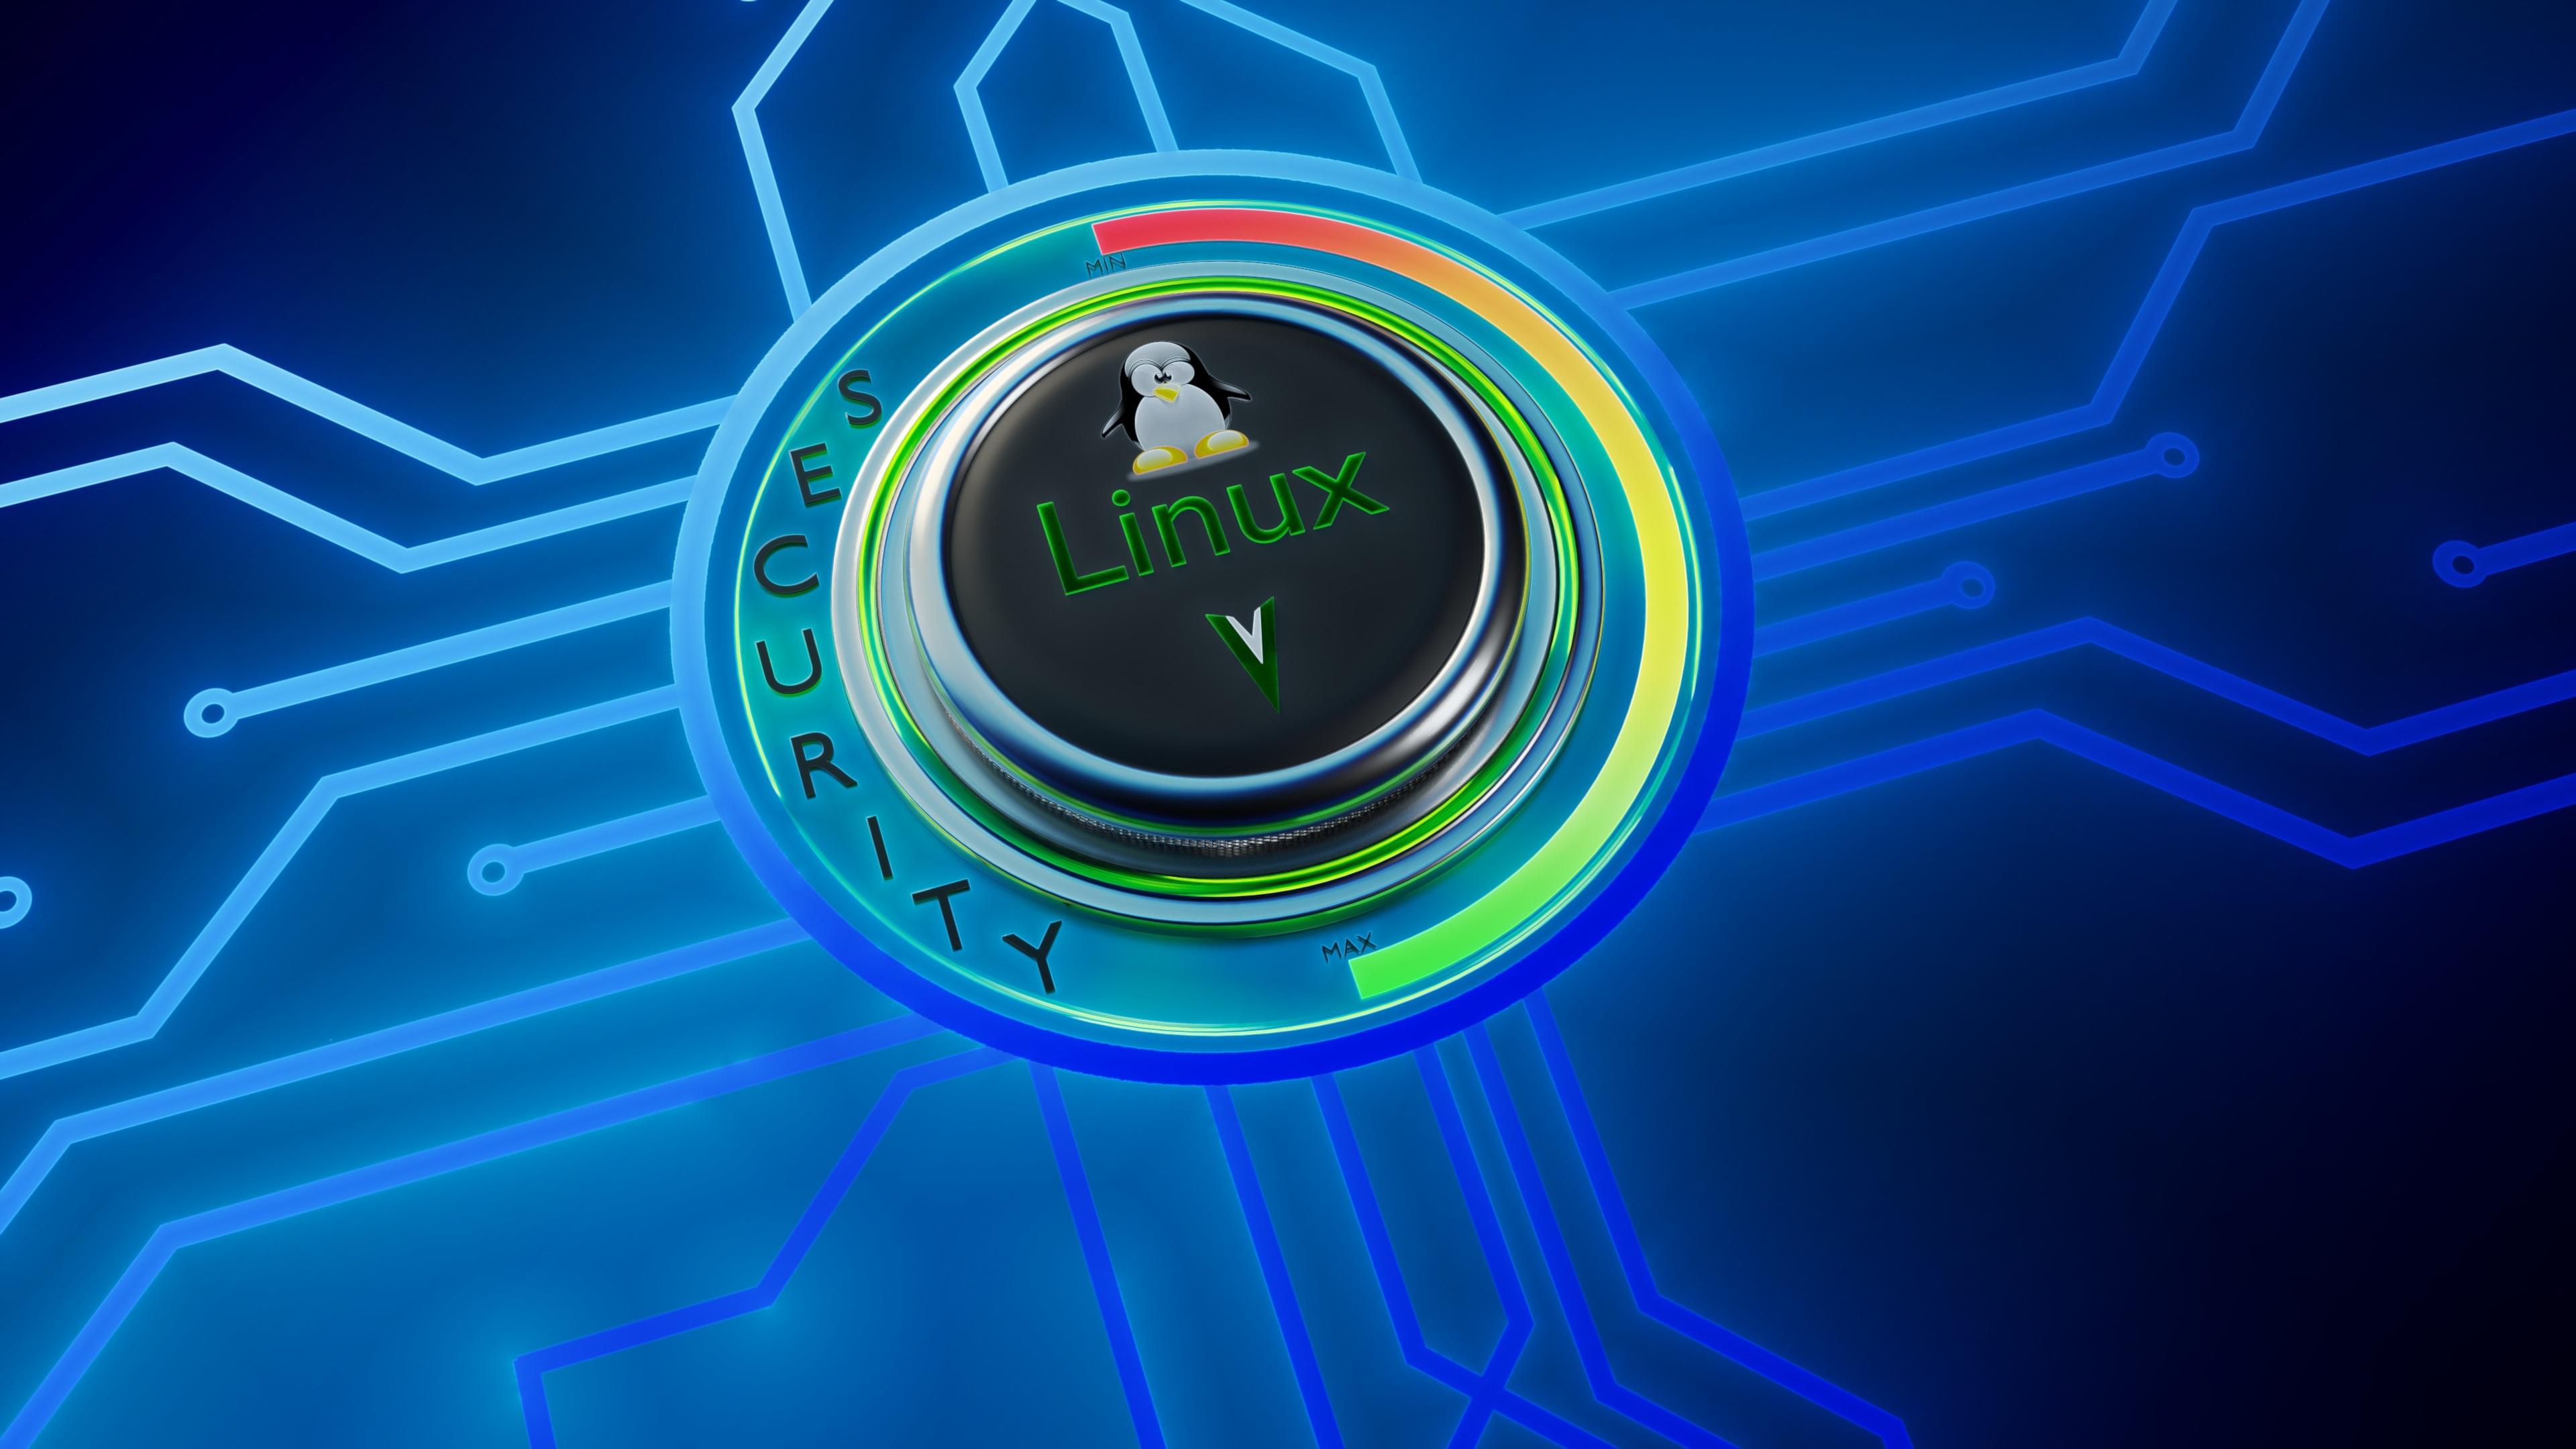 Linux stabil und sicher. Auch für den Desktop